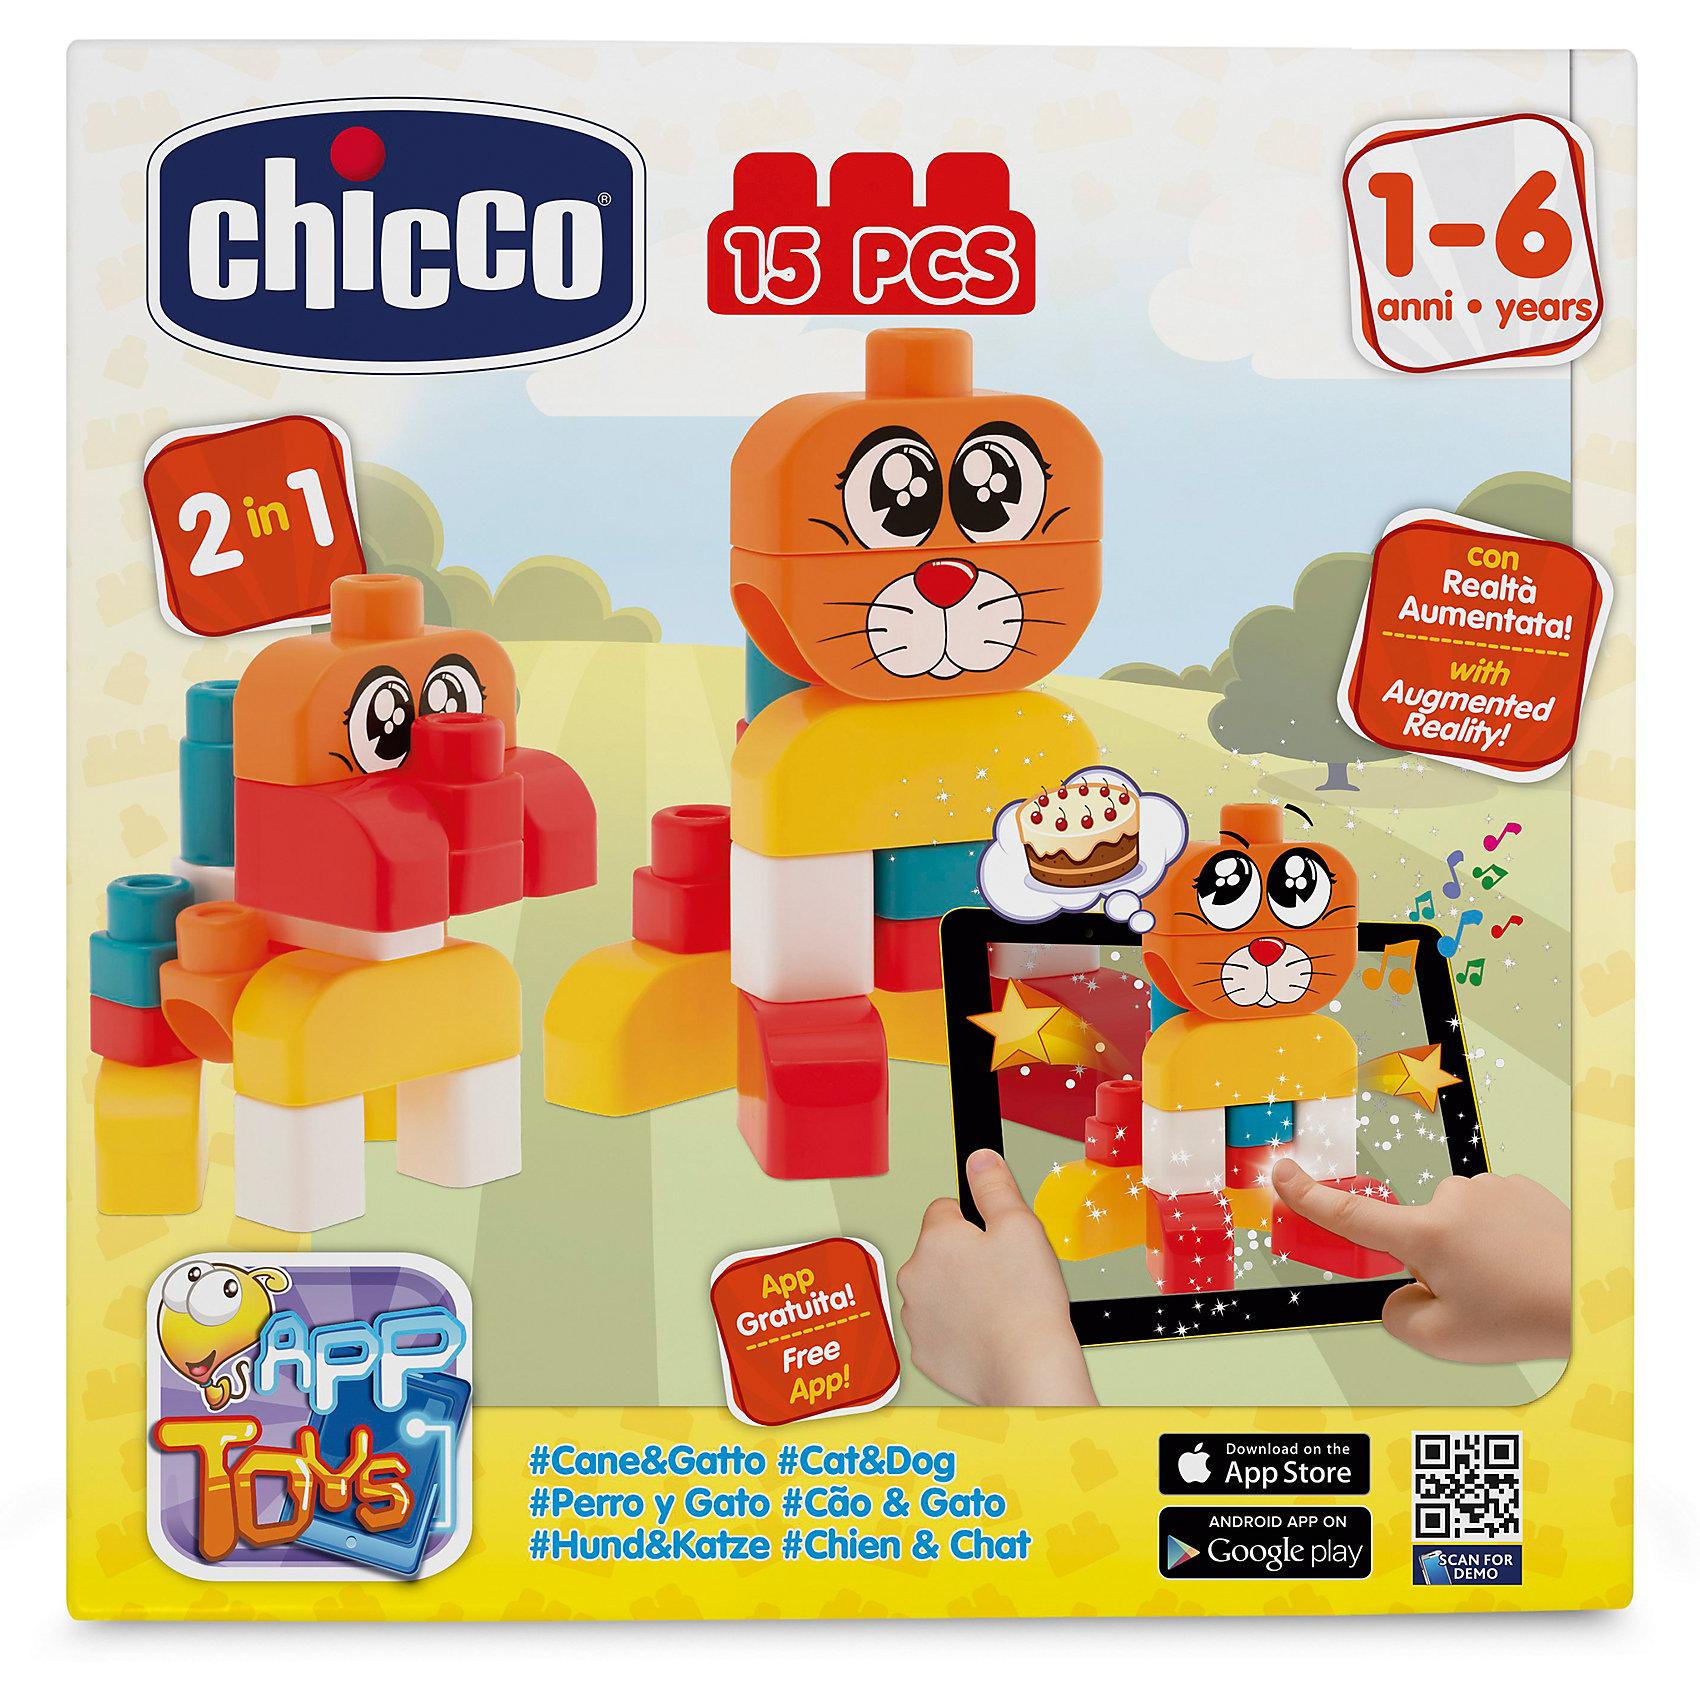 Набор строительных блоков Кошка и собака, 15шт, CHICCOНабор строительных блоков Кошка и собака, 15шт, CHICCO (ЧИКО) – это конструктор с которым виртуальность становится реальностью.<br>С набором строительных блоков Кошка и собака от Chicco (Чико) ребенок научится собирать забавные фигурки в виде милой кошки и веселой собаки. Игрушка помогает ребенку развивать мелкую моторику, логическое и образное мышление, а также фантазию и воображение! На этом волшебство этой игрушки не заканчивается! Скачайте бесплатное приложение в AppStore или GooglePlay и оживите собранную фигурку! Приложение подходит для планшетов и смартфонов. Направляя планшет на собранную фигурку, малыш увидит, как игрушка оживет, будет мило улыбаться ему с экрана, подмигивать и хлопать глазками, а нажимая на животное, на экране планшета, малыш увидит, как оно двигается и меняет свое положение! Набор изготовлен из высококачественного прочного и абсолютно безопасного пластика. Не содержит бисфенол-а.<br><br>Дополнительная информация:<br><br>- В наборе: 15 блоков<br>- Материал: пластик<br>- Размер упаковки: 250х70х250 мм.<br>- Вес: 340 гр.<br><br>Набор строительных блоков Кошка и собака, 15шт, CHICCO (ЧИКО) можно купить в нашем интернет-магазине.<br><br>Ширина мм: 250<br>Глубина мм: 70<br>Высота мм: 250<br>Вес г: 340<br>Возраст от месяцев: 12<br>Возраст до месяцев: 72<br>Пол: Унисекс<br>Возраст: Детский<br>SKU: 4577236